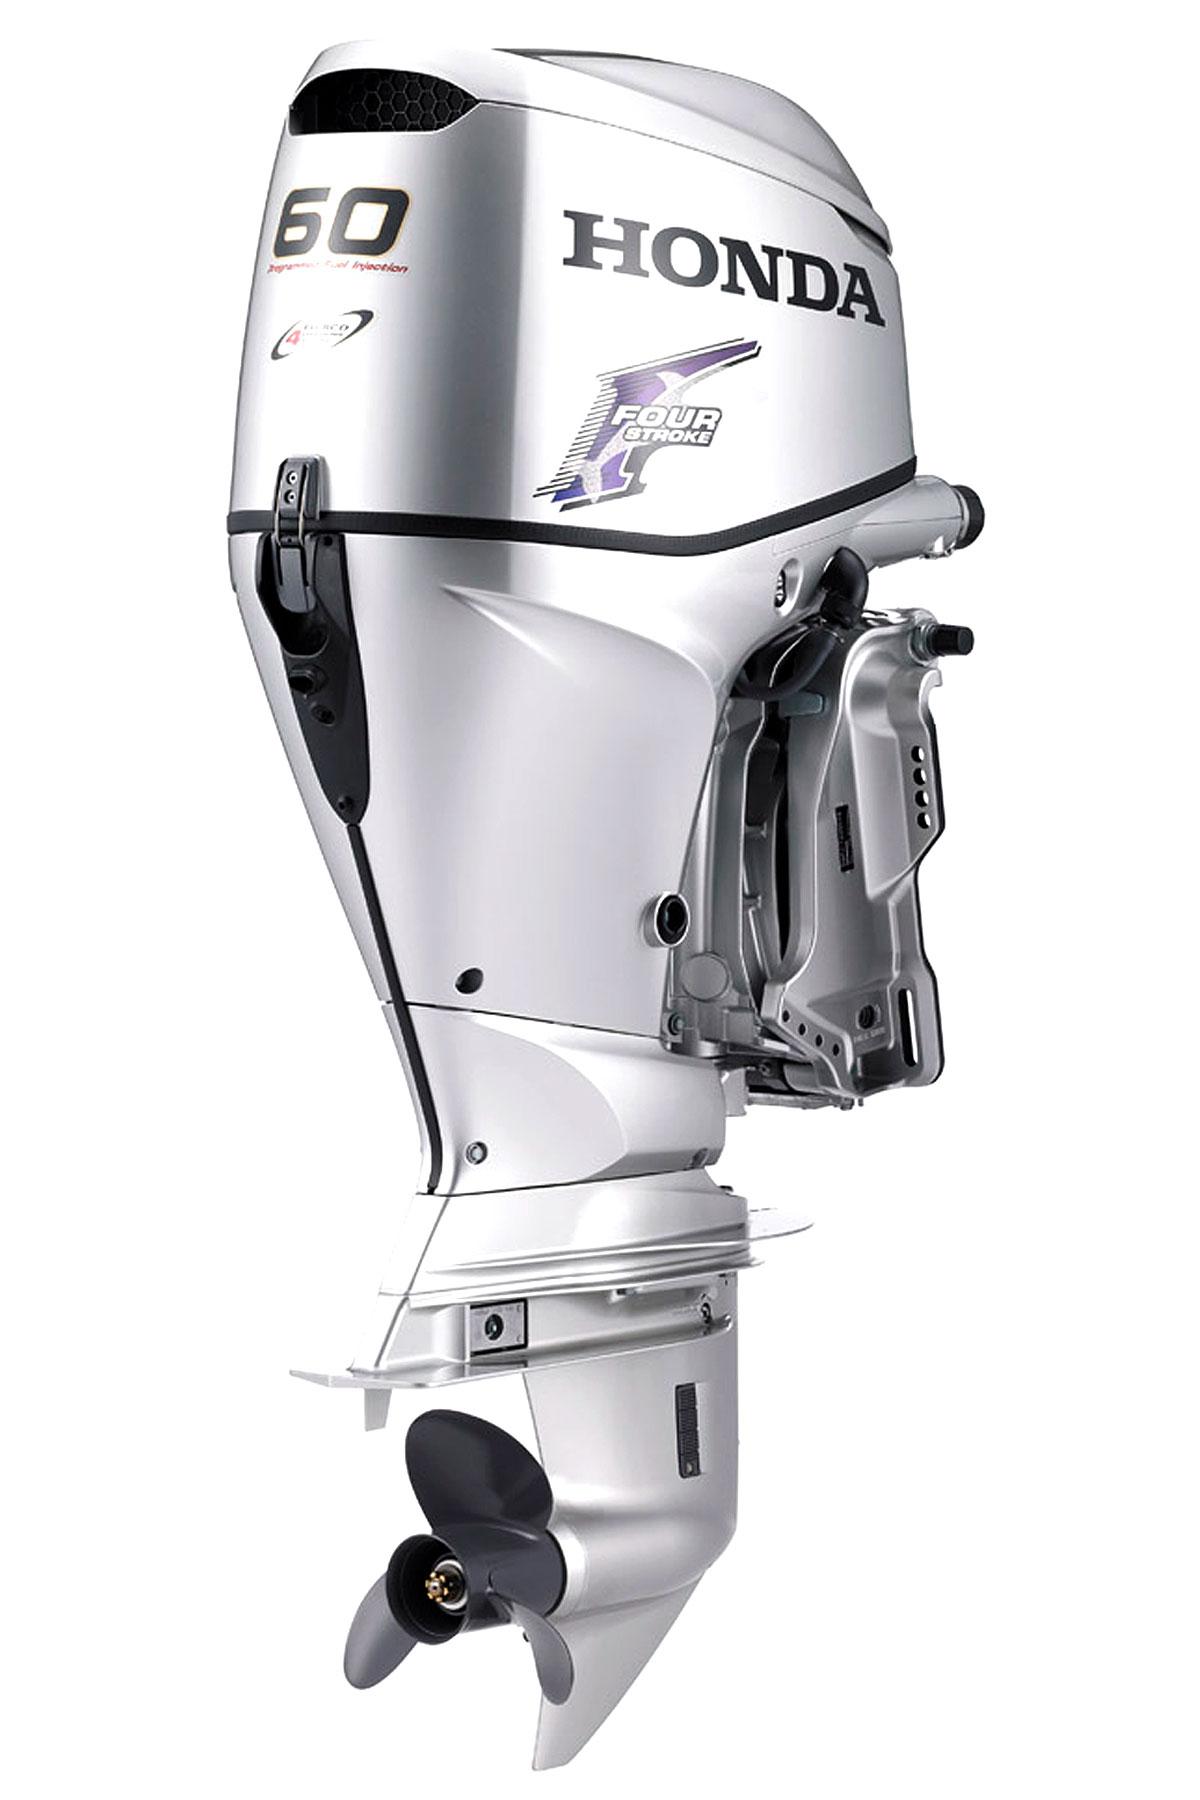 лодочные моторы honda bf-60 отзывы